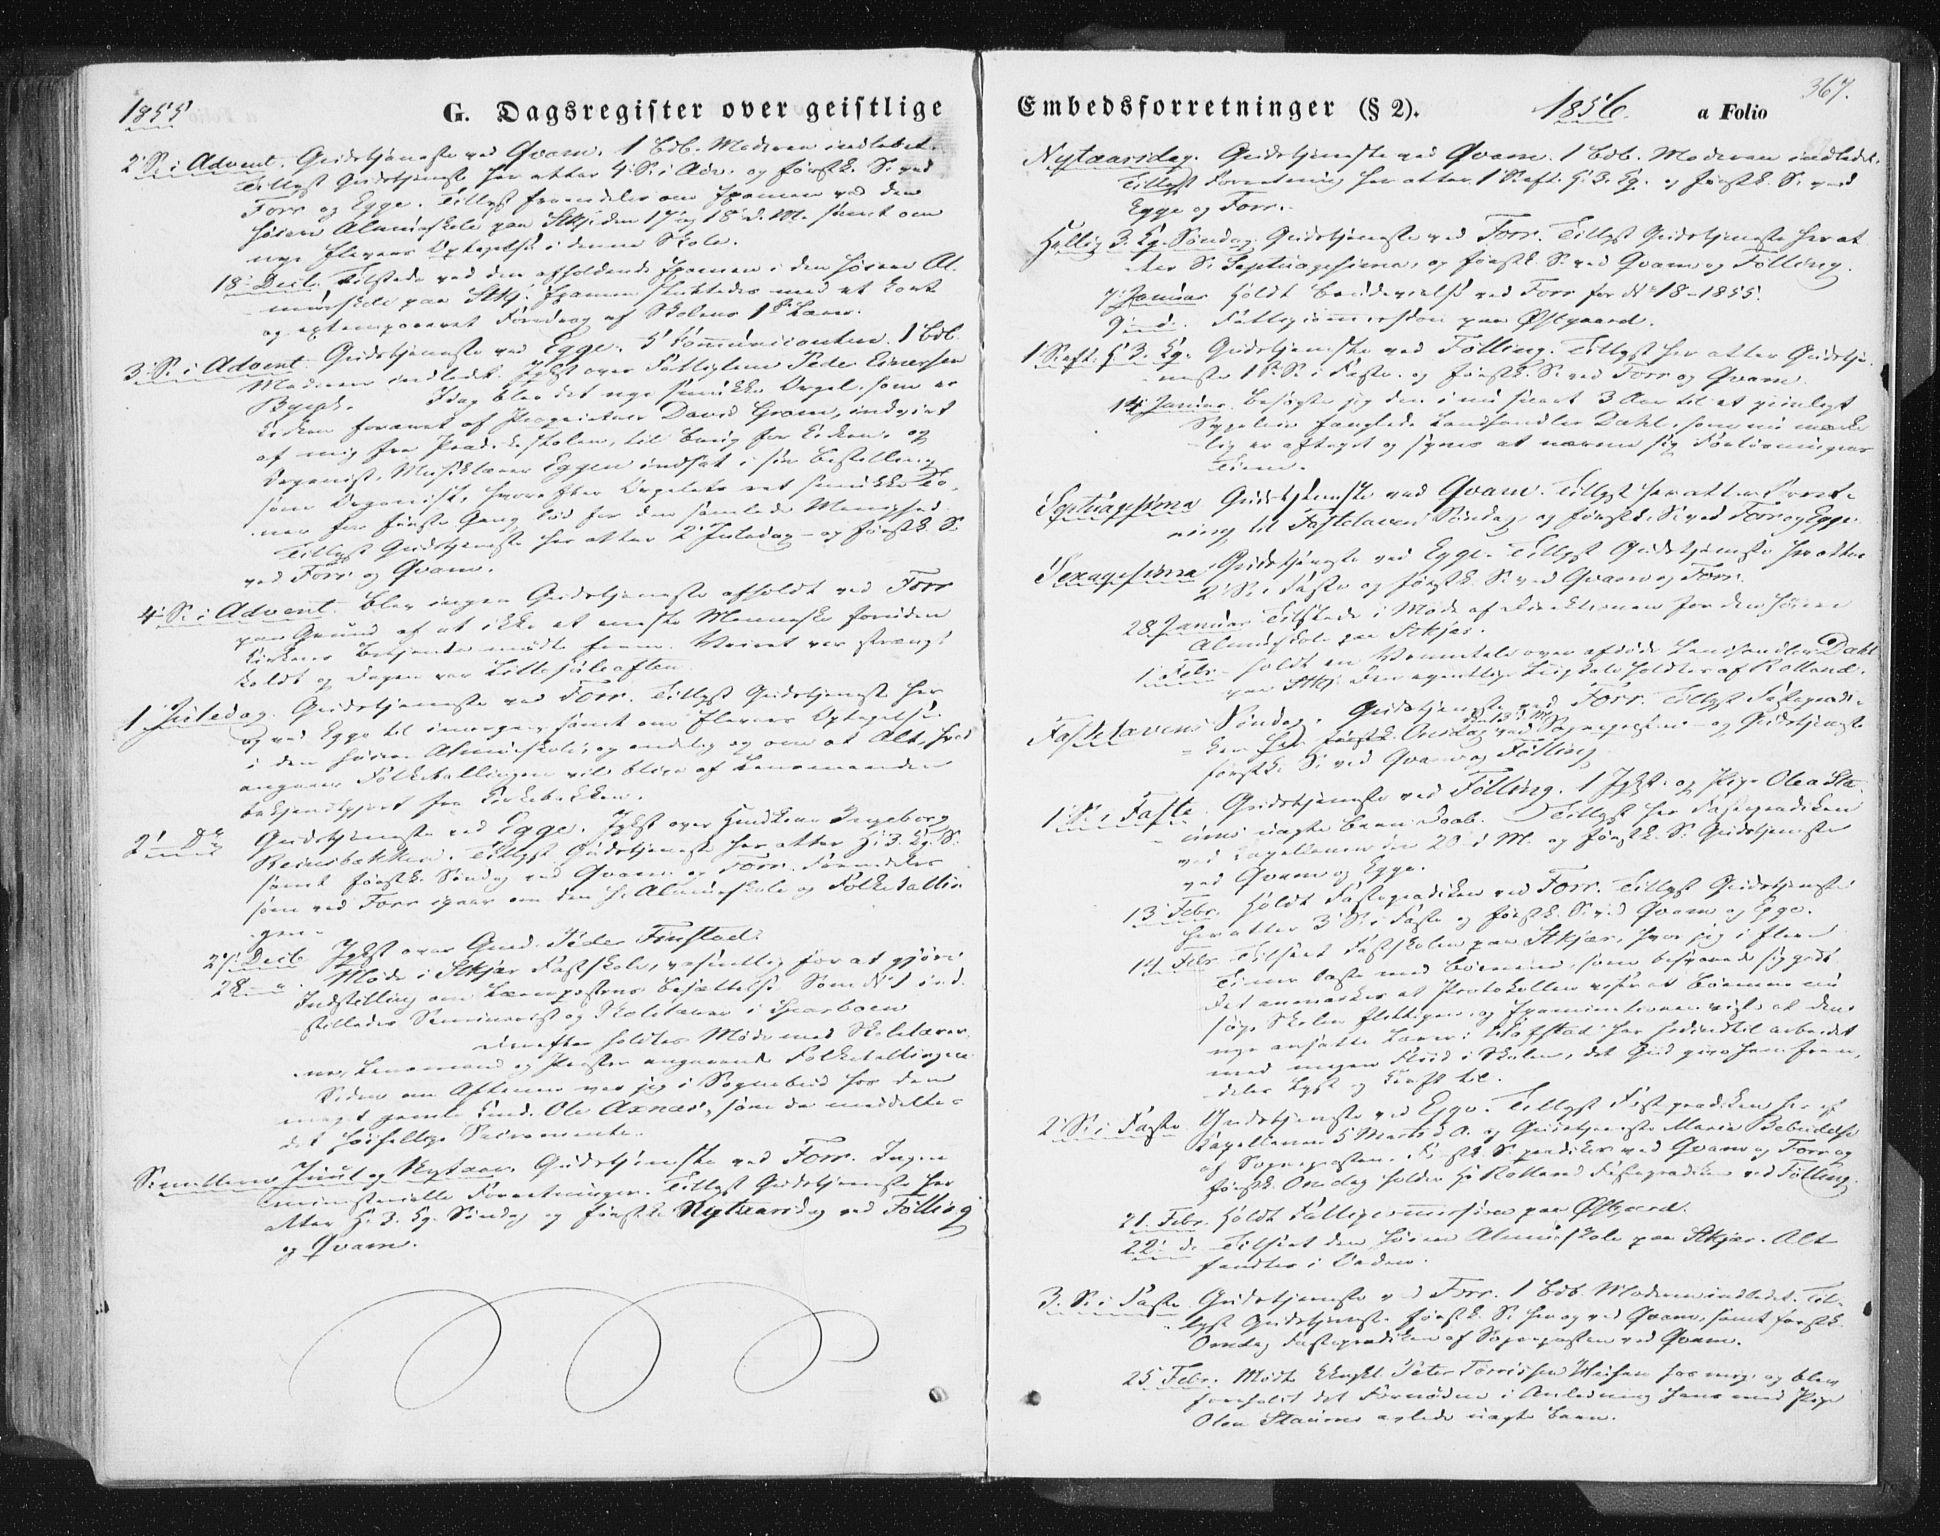 SAT, Ministerialprotokoller, klokkerbøker og fødselsregistre - Nord-Trøndelag, 746/L0446: Ministerialbok nr. 746A05, 1846-1859, s. 367